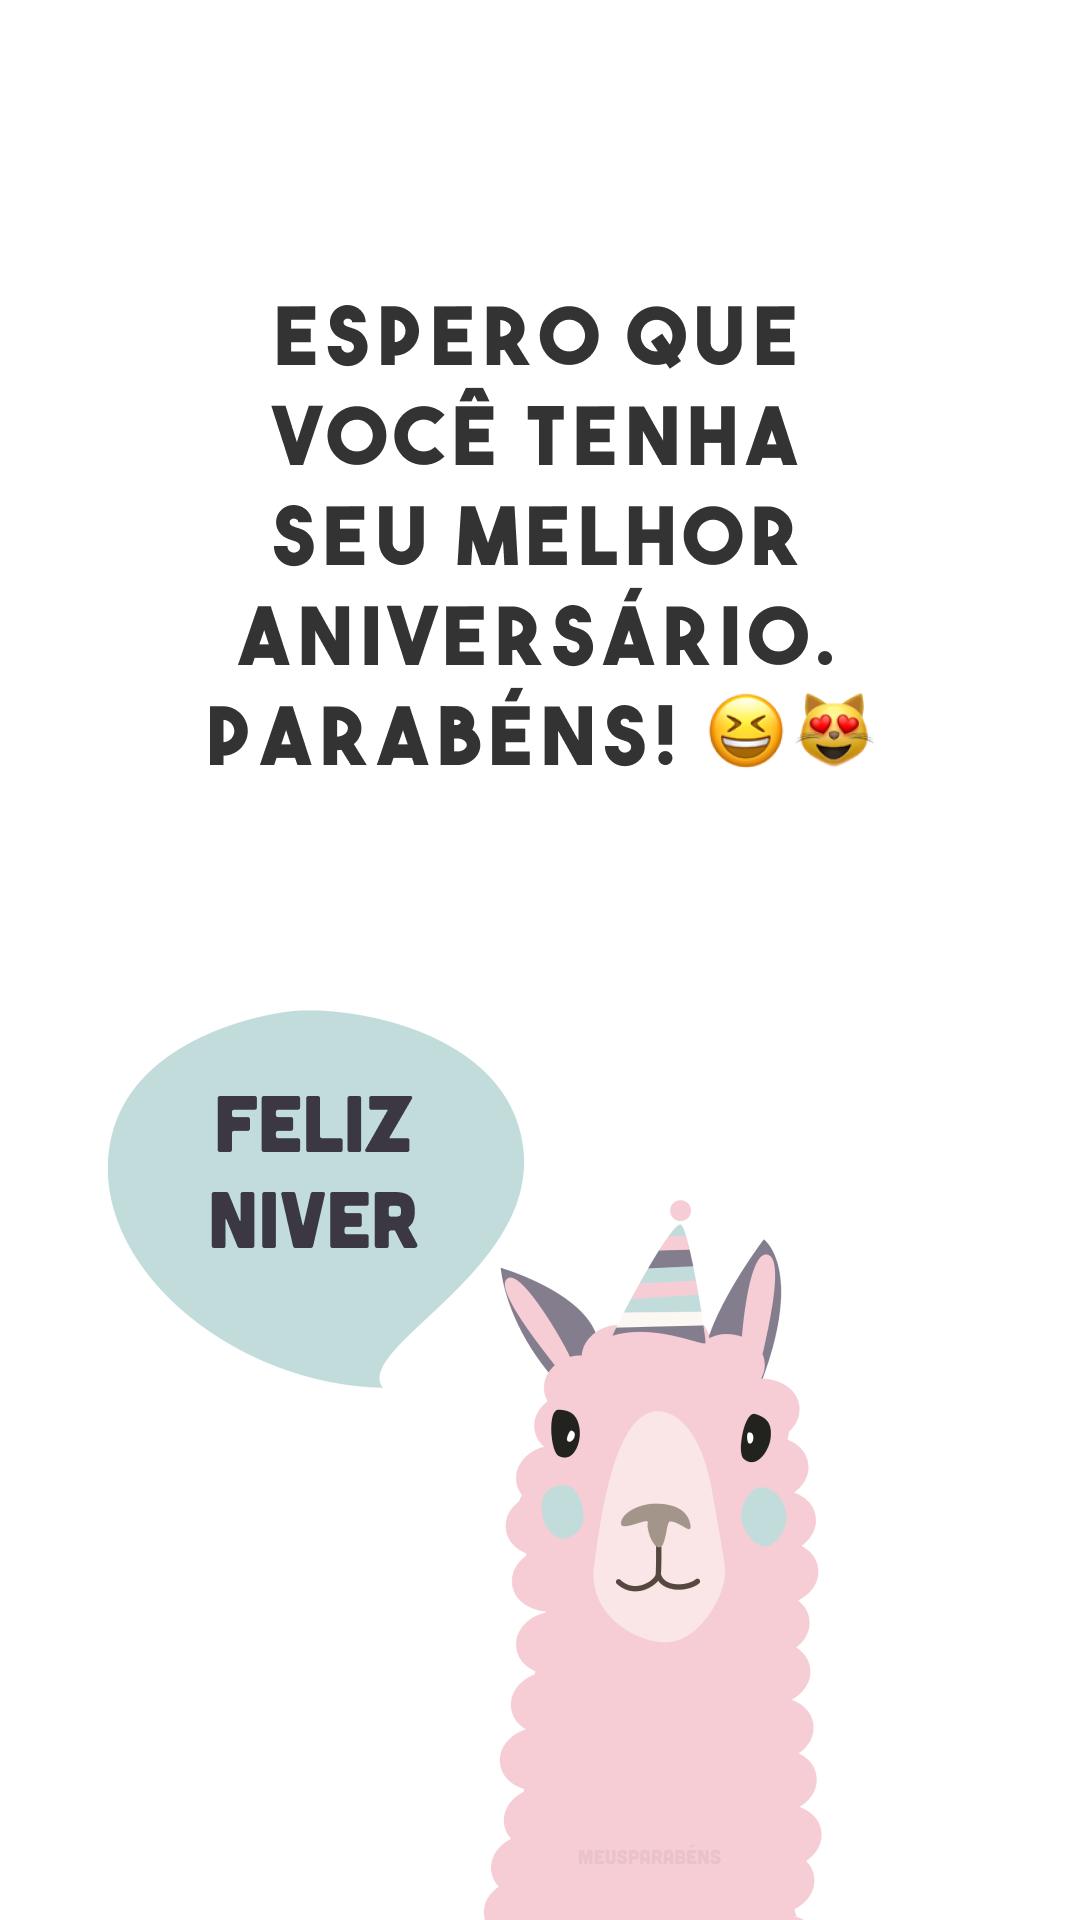 Espero que você tenha seu melhor aniversário. Parabéns! 😆😻